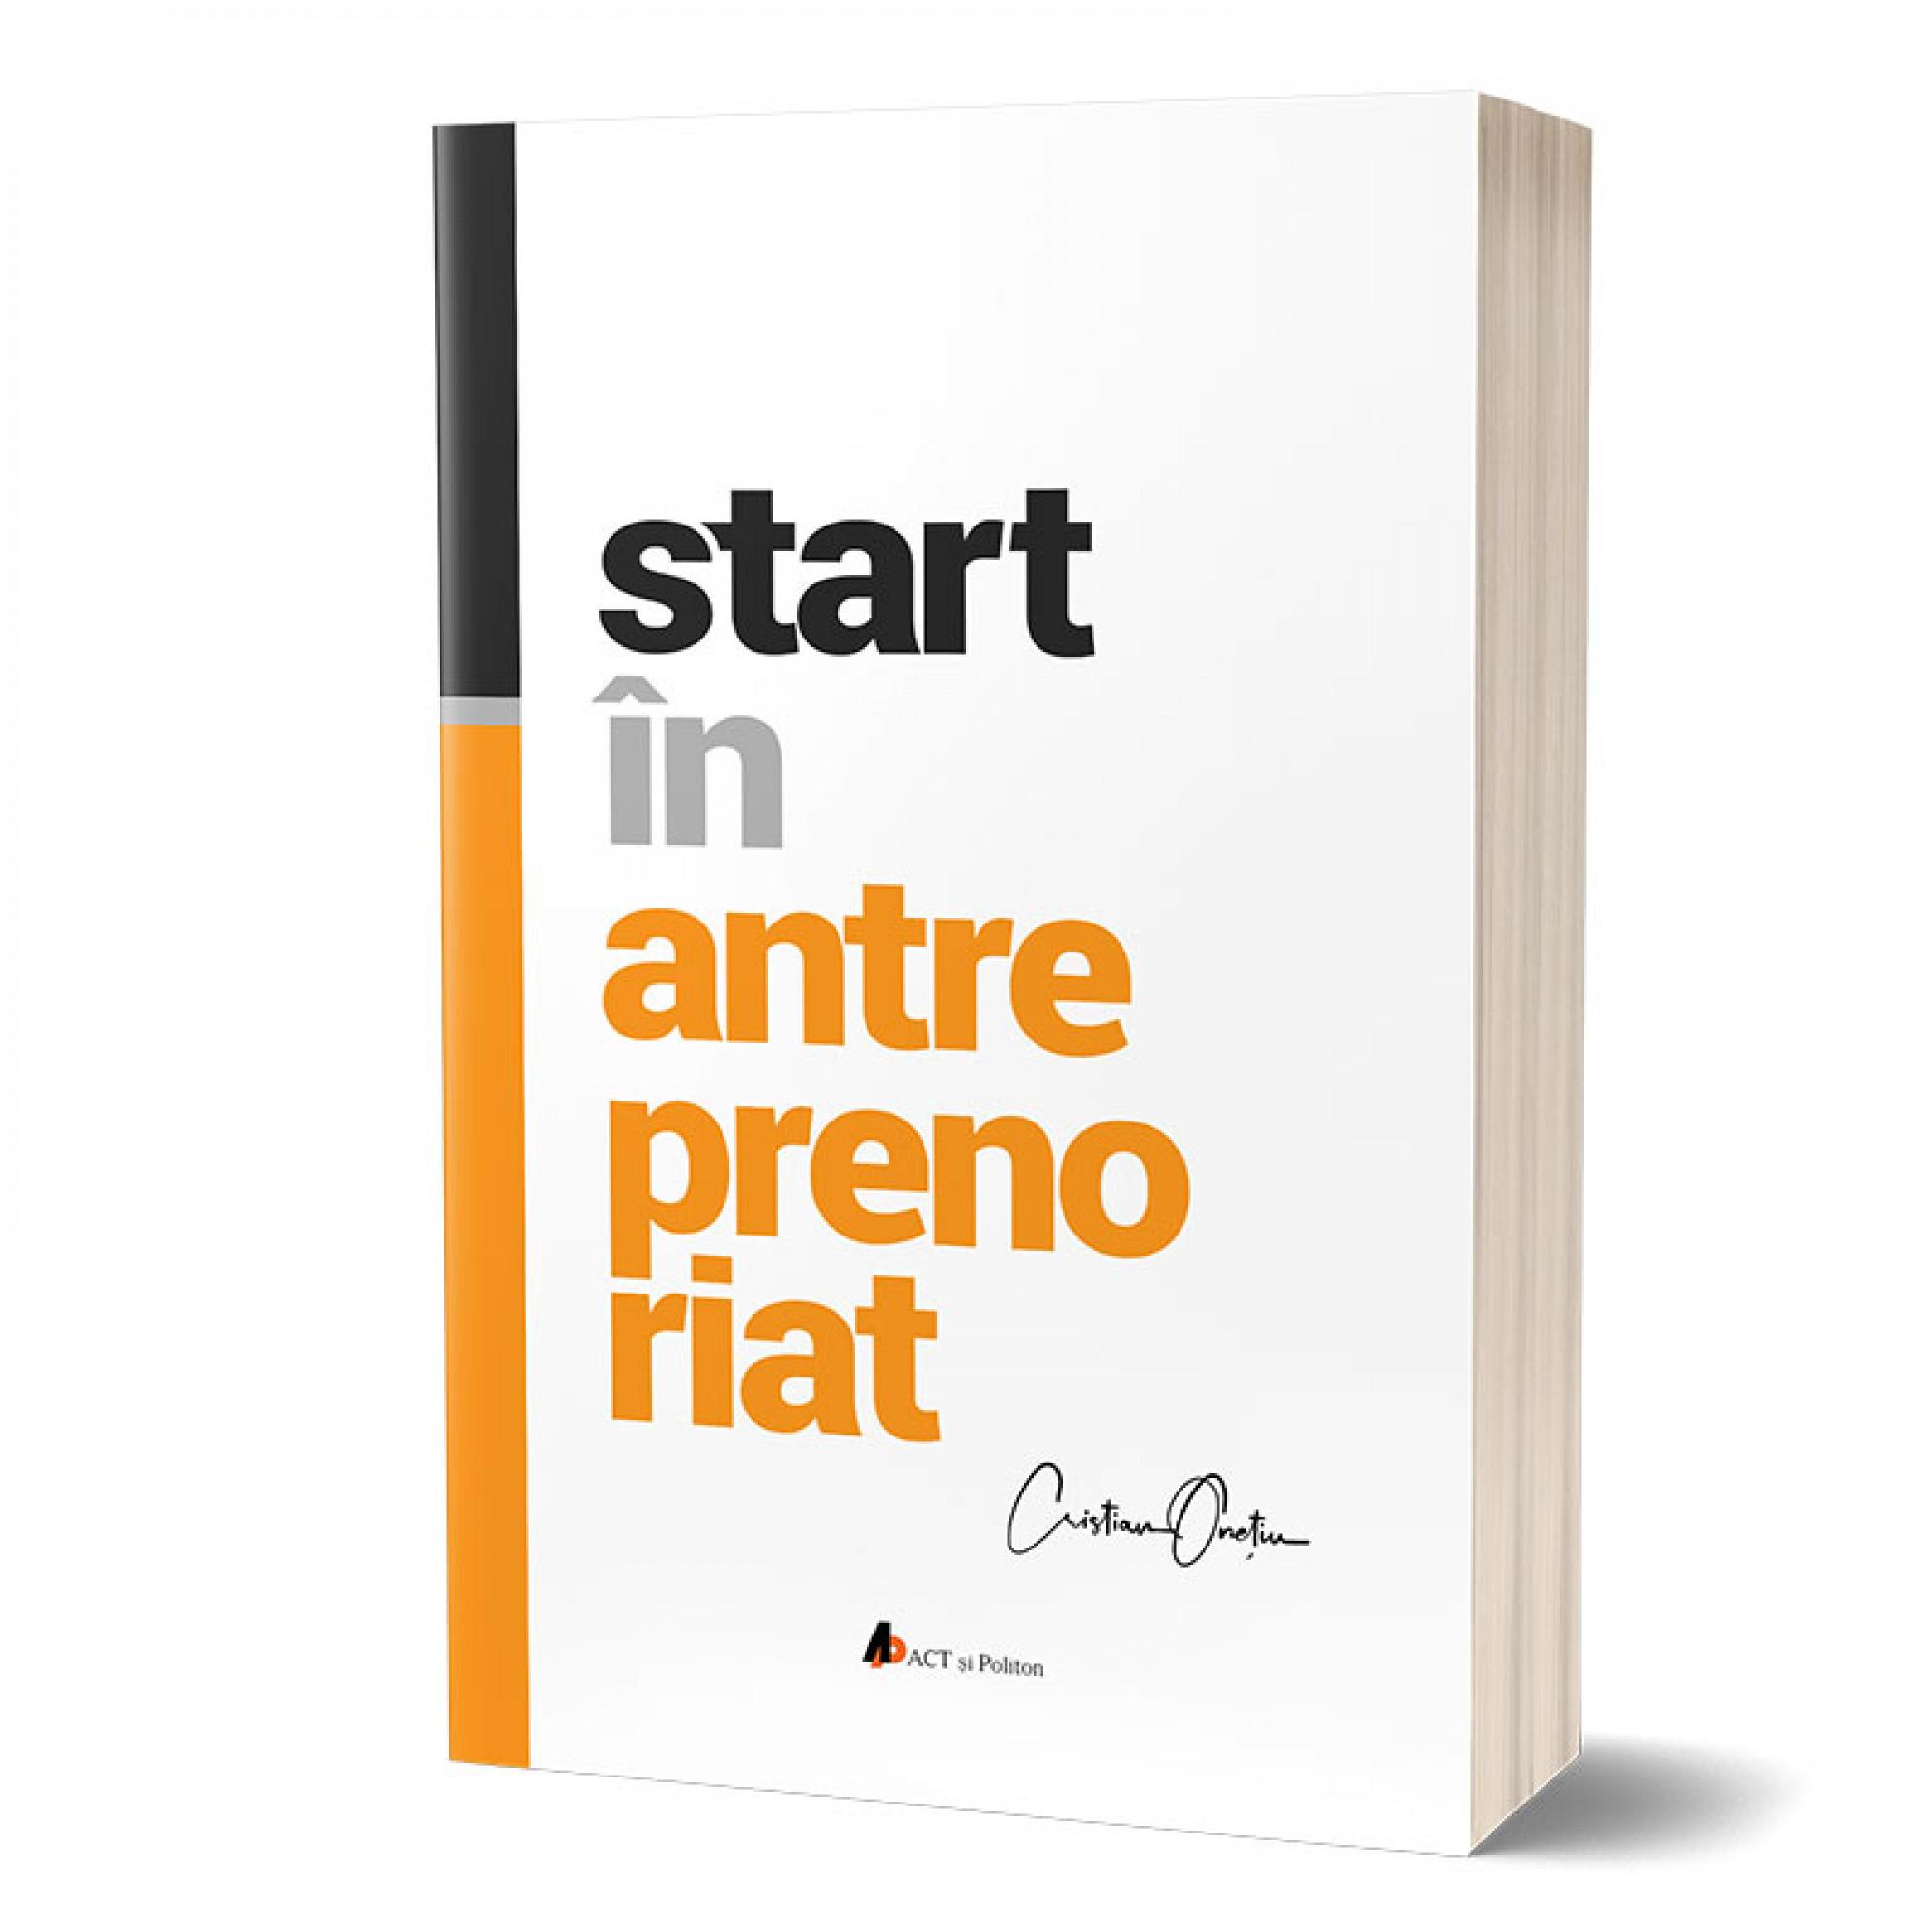 Start în antreprenoriat. Călătoria antreprenorului de la a ști la a avea înspre a deveni